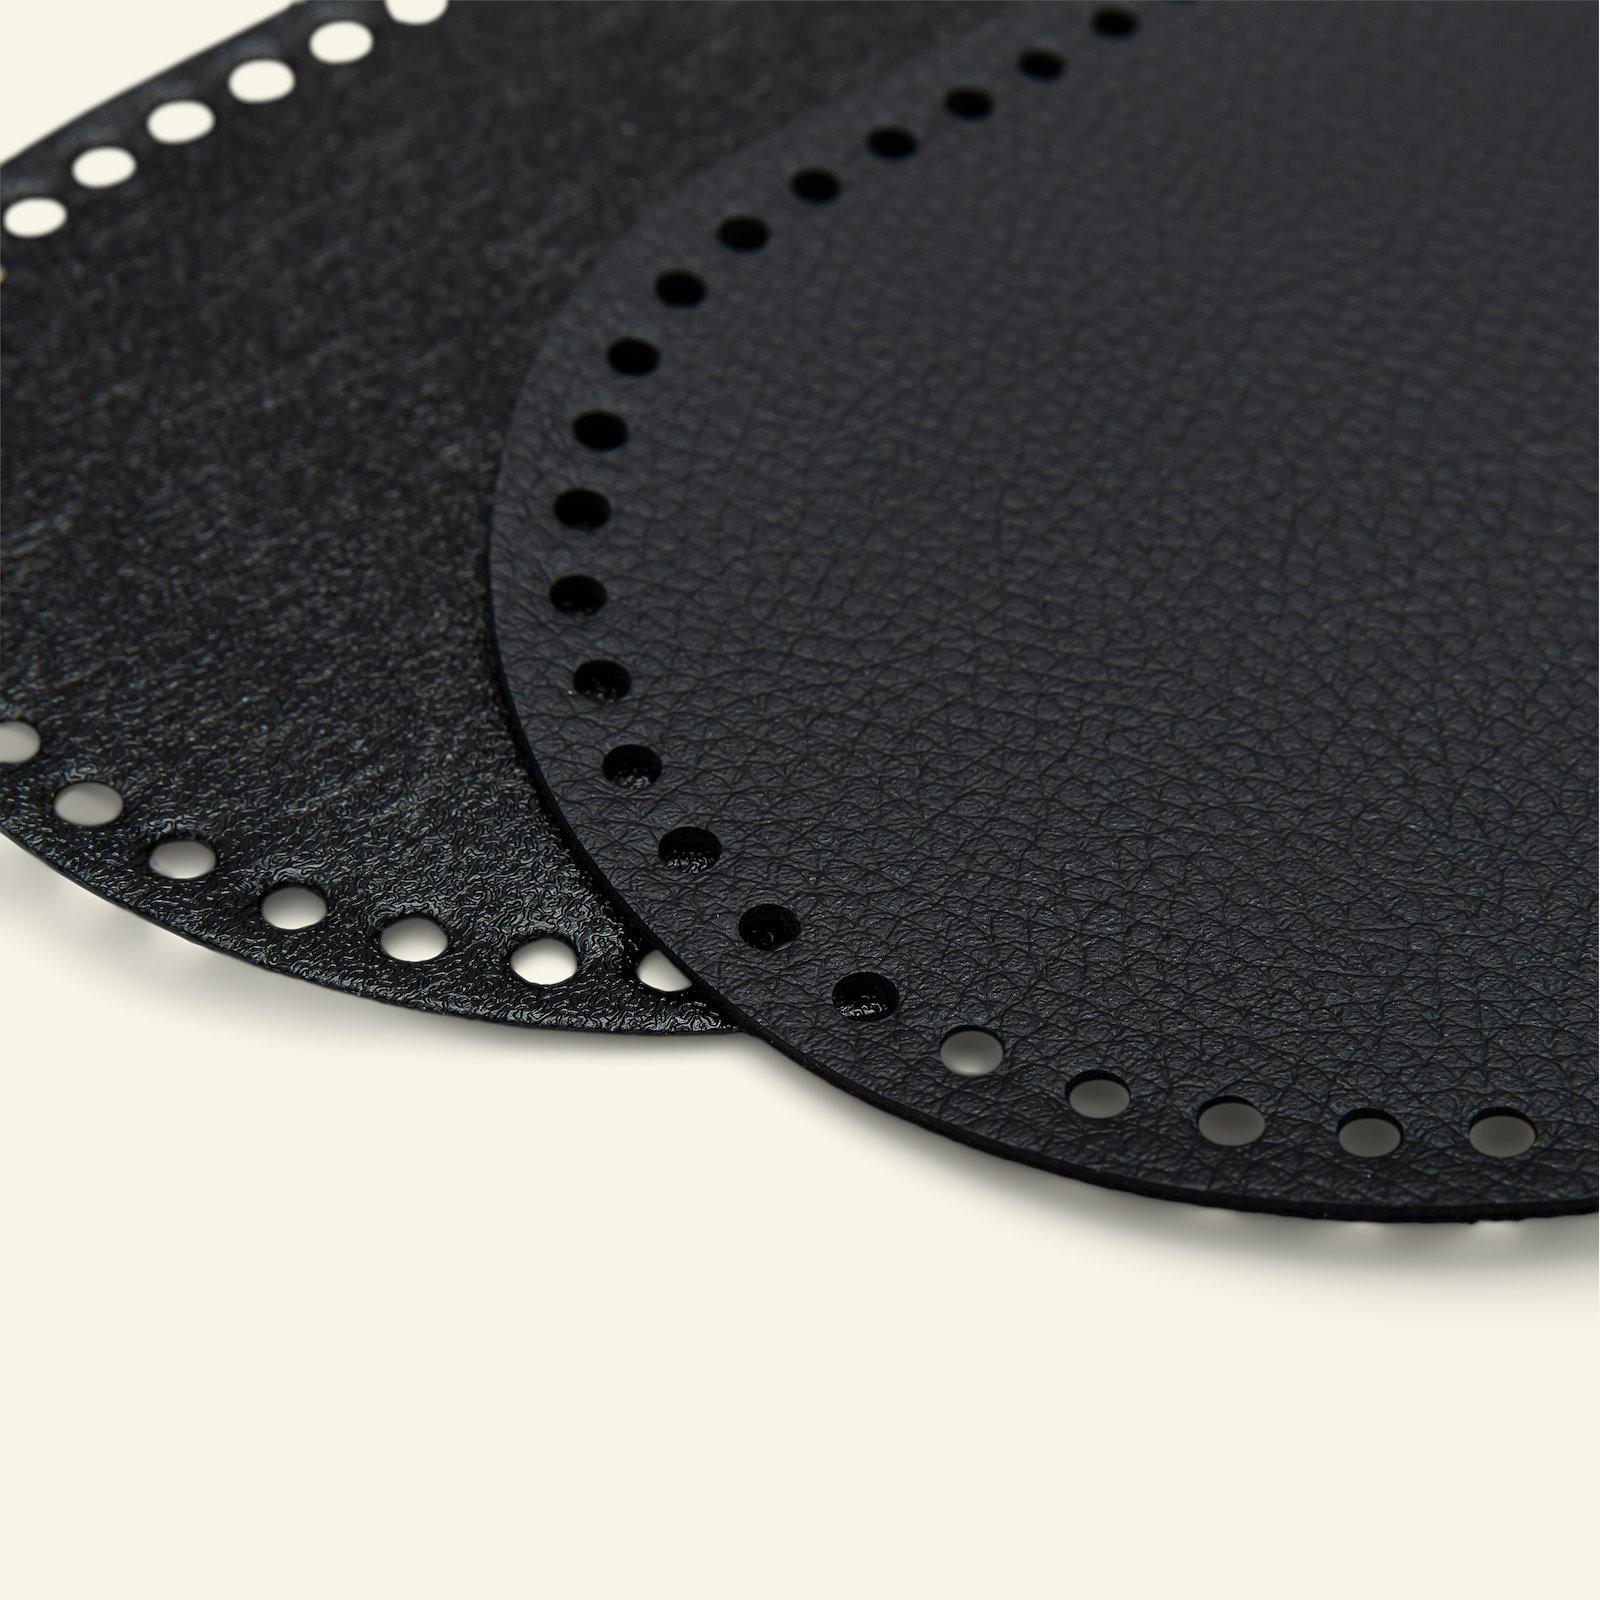 FRAYA bag/basket bottom 15x30cm black 1p 83313_pack_b